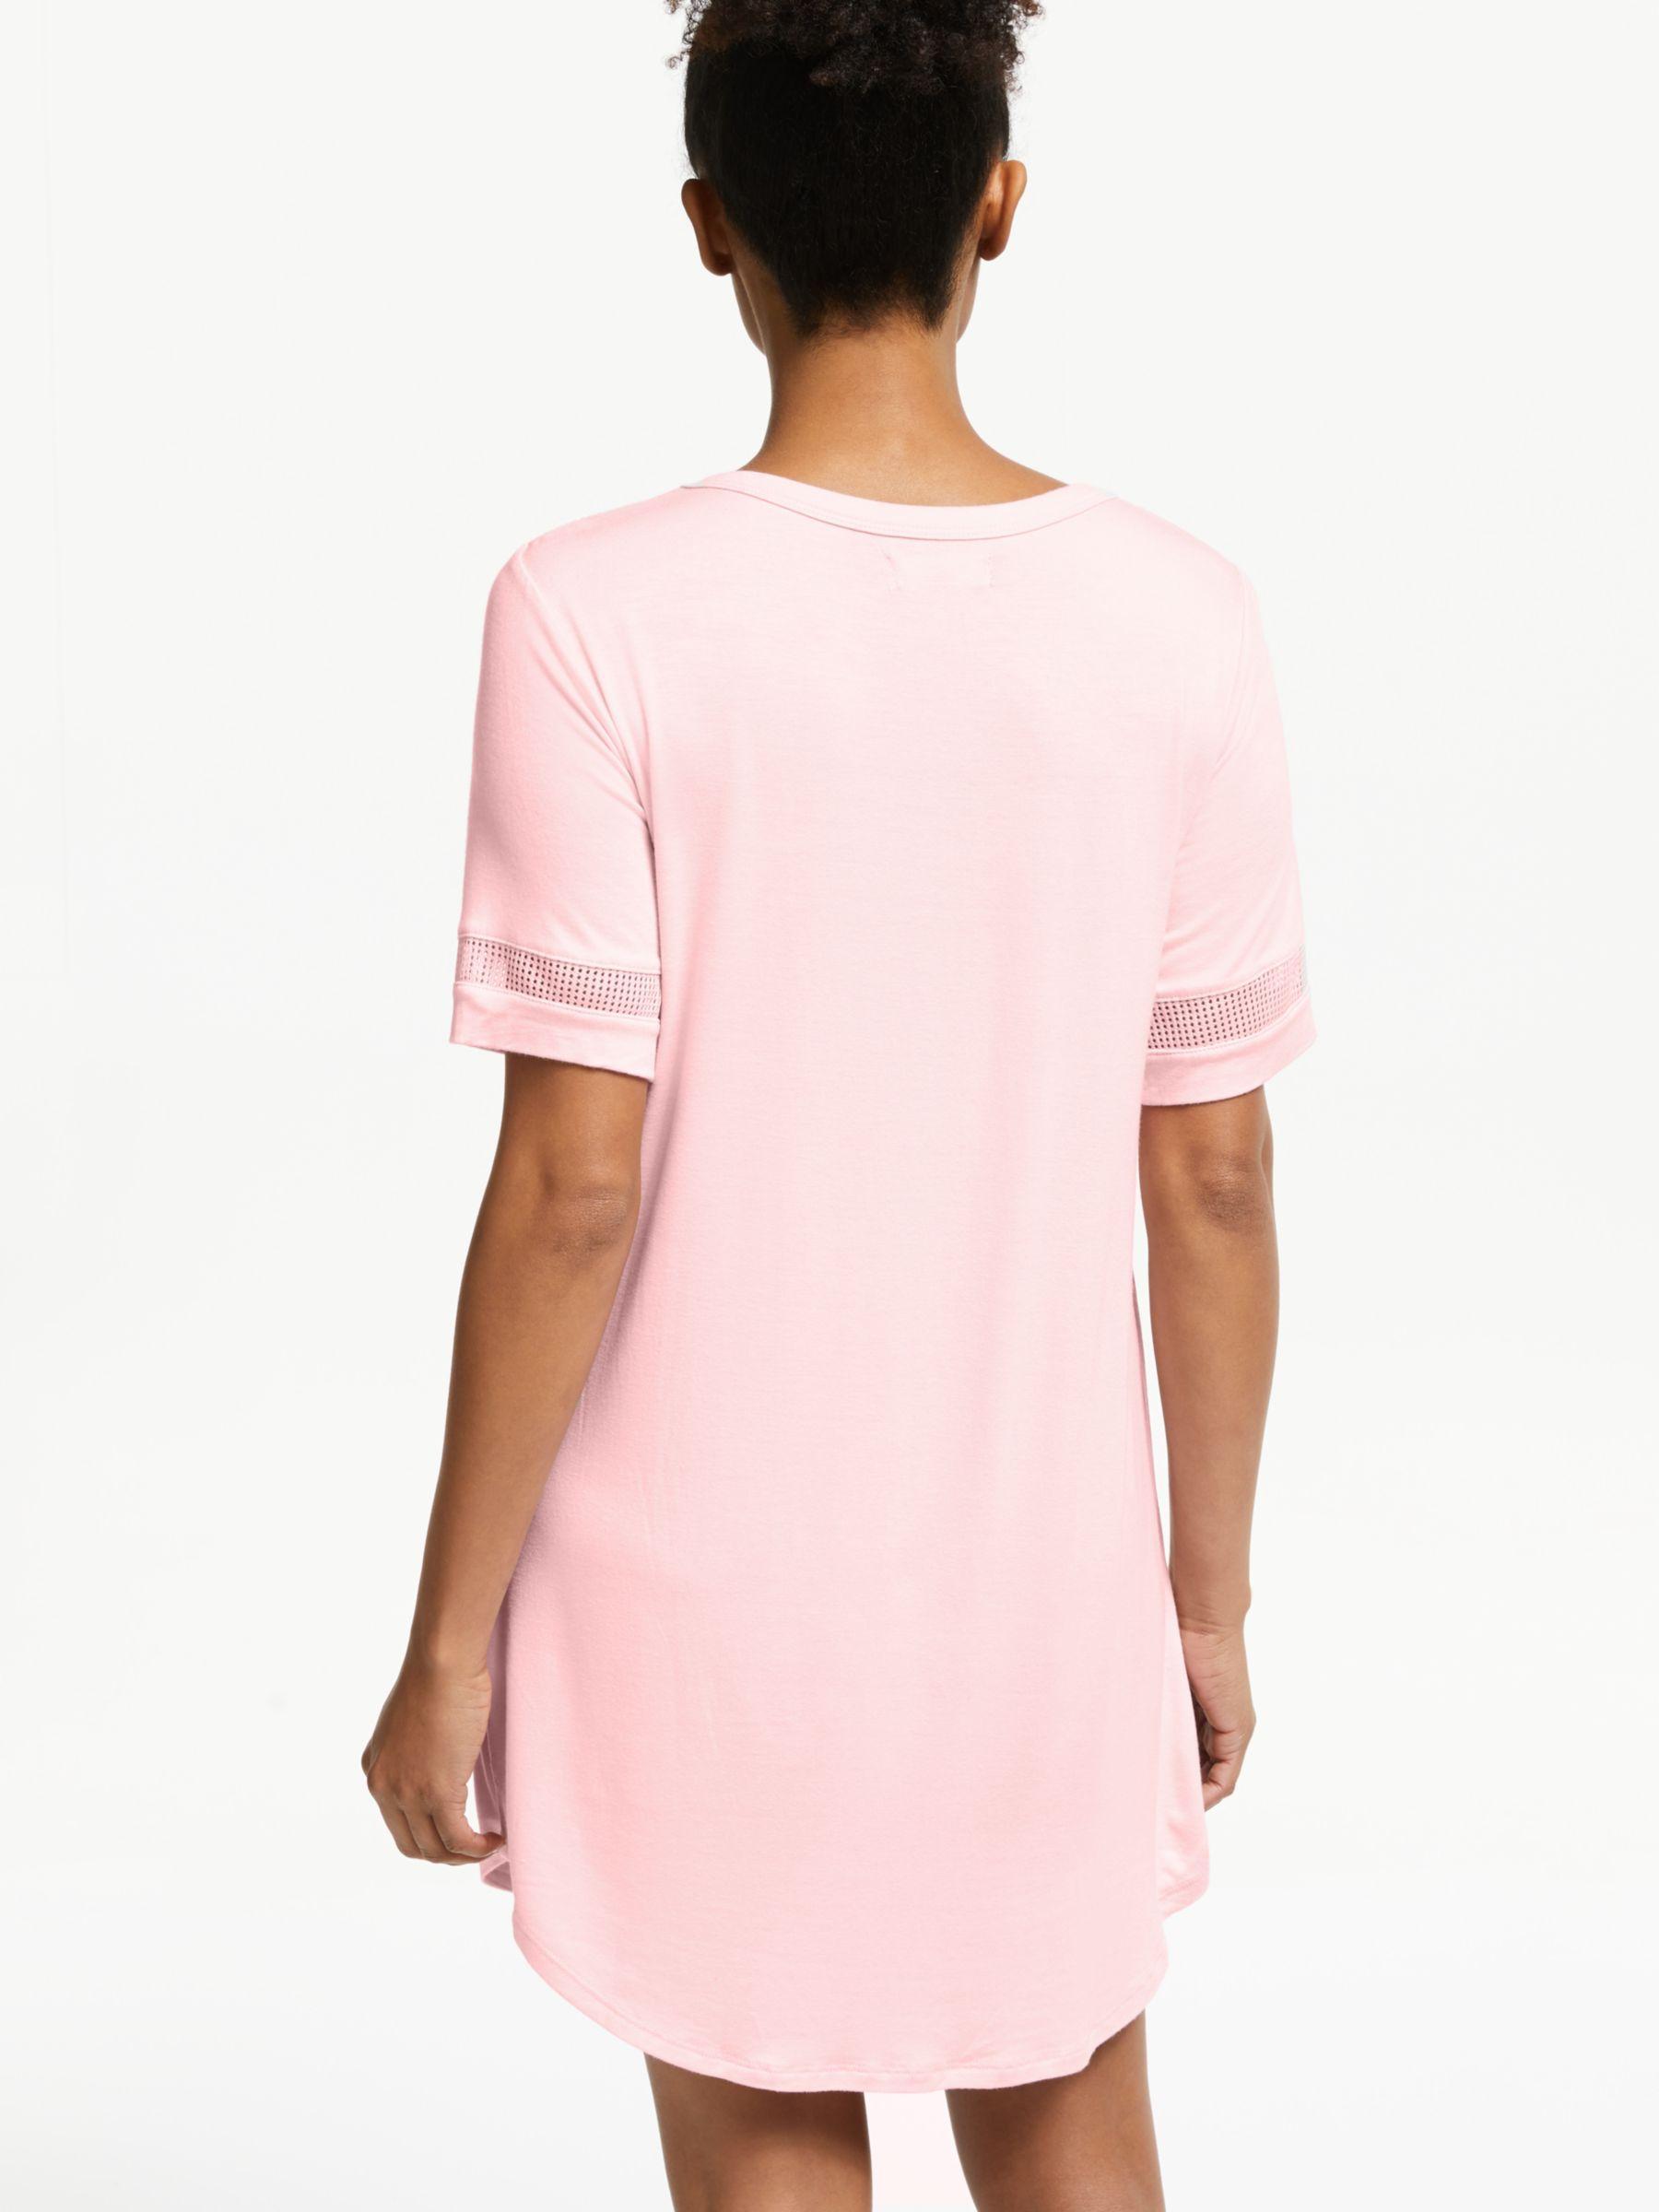 DKNY Logo Mesh Nightdress in Pink - Lyst a7da833ae